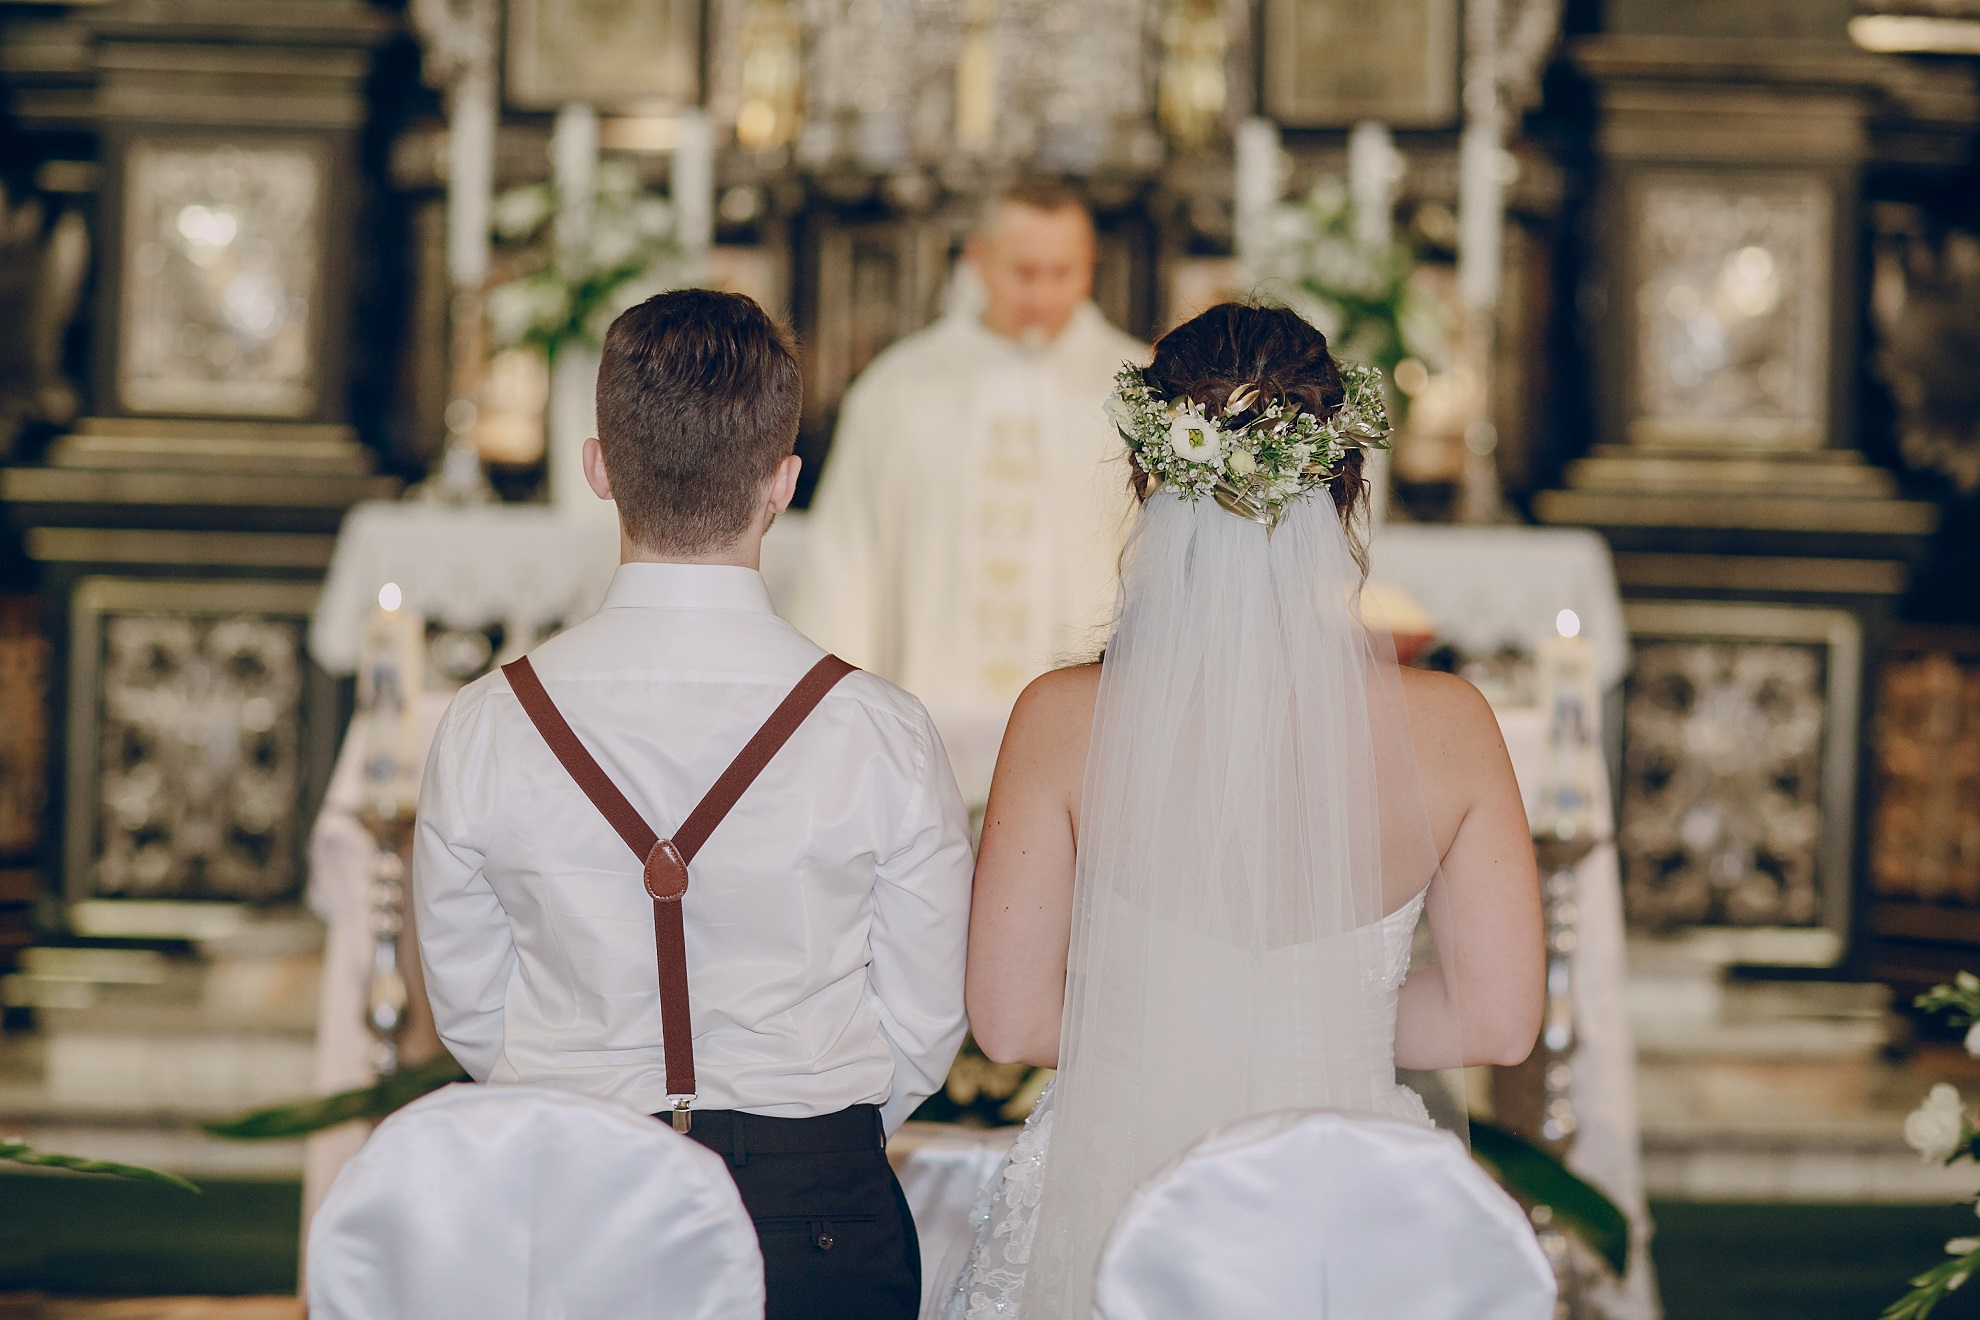 367a9f21b721a 近年、盛大な披露宴ではなく、親族だけを招待したシンプルな式のウェディングスタイルが人気を集めています。 そういったスタイルを選択した場合、結婚式準備はどの  ...